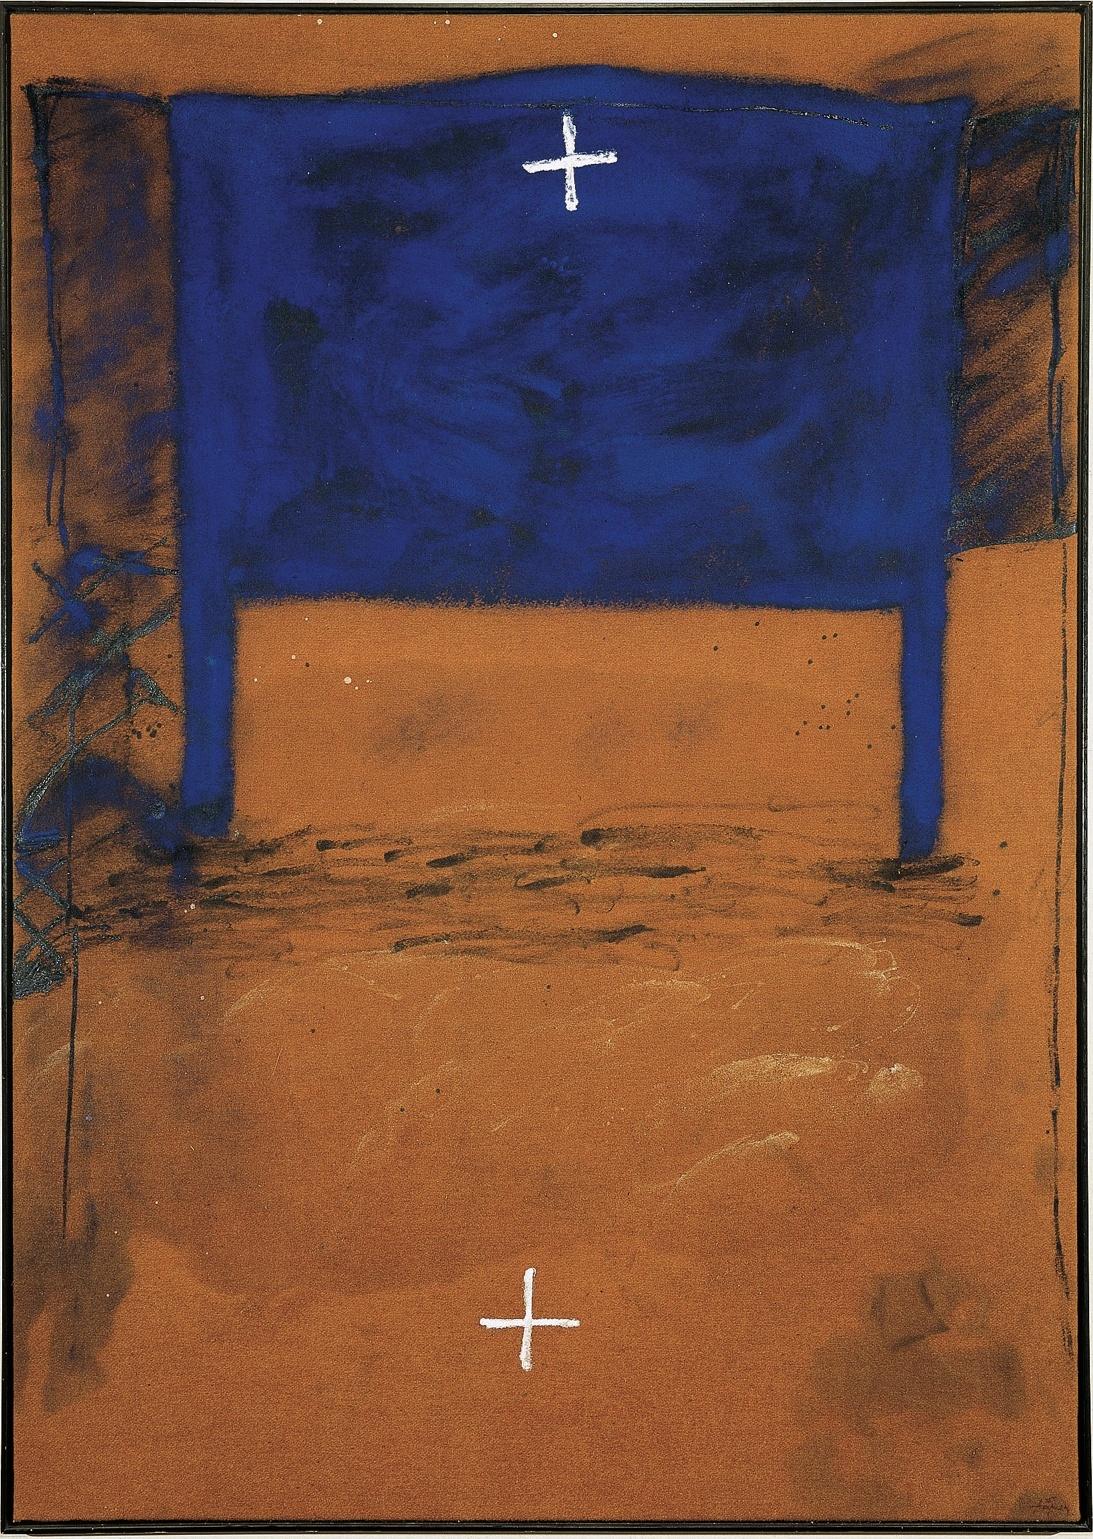 (Tàpies) Blau i dues creus (1980). Antoni Tàpies. Colección Telefónica.